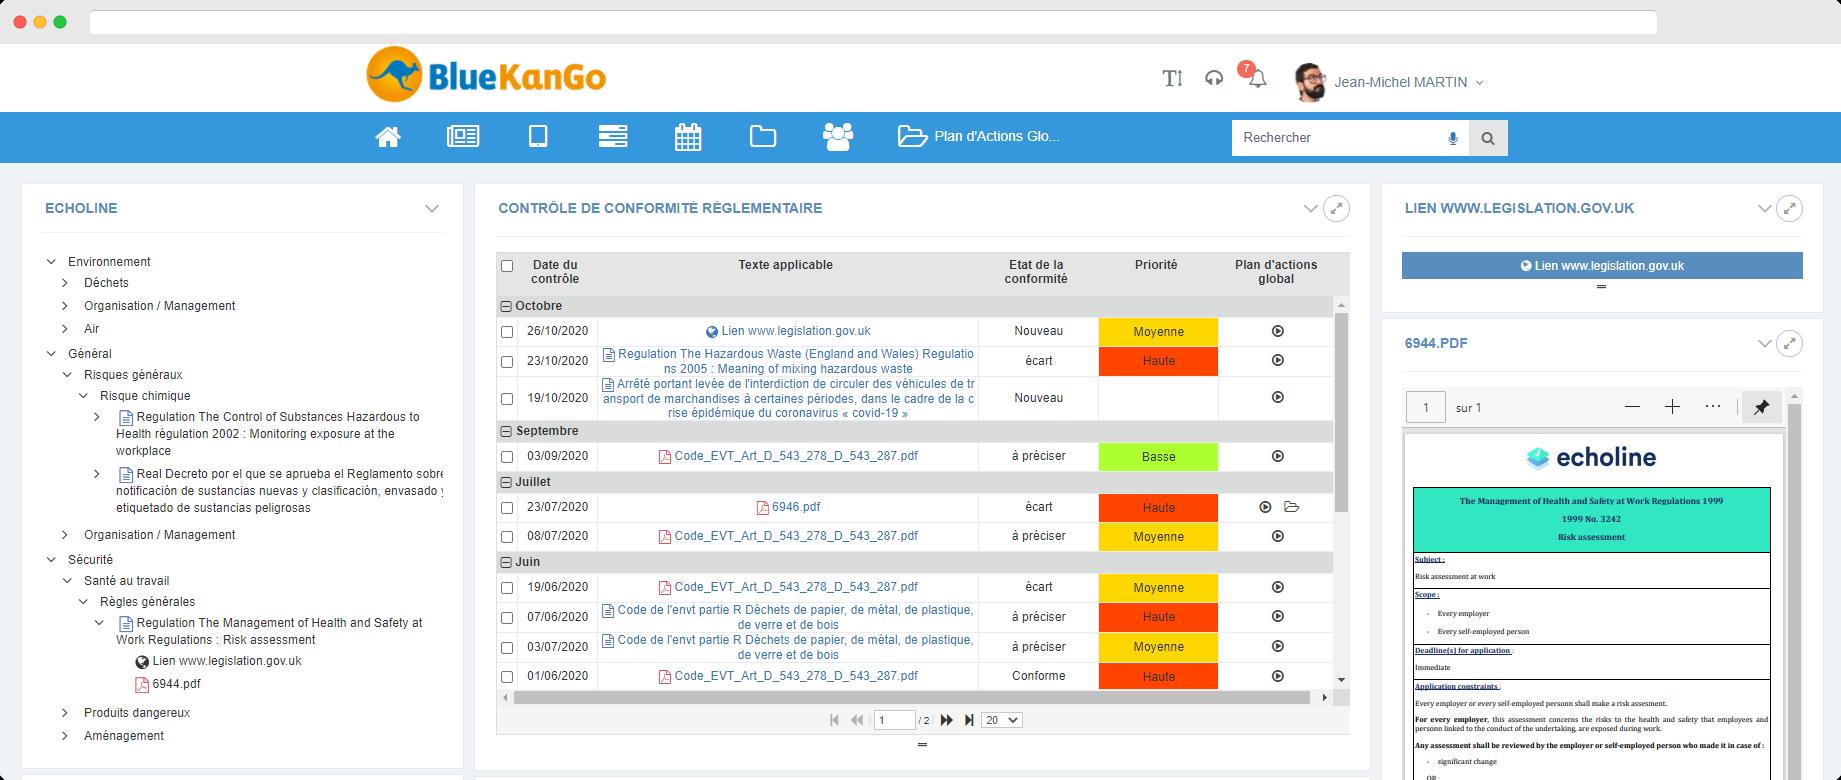 Capture d'écran de l'intégration de la veille réglementaire Echoline dans la plateforme BlueKanGo